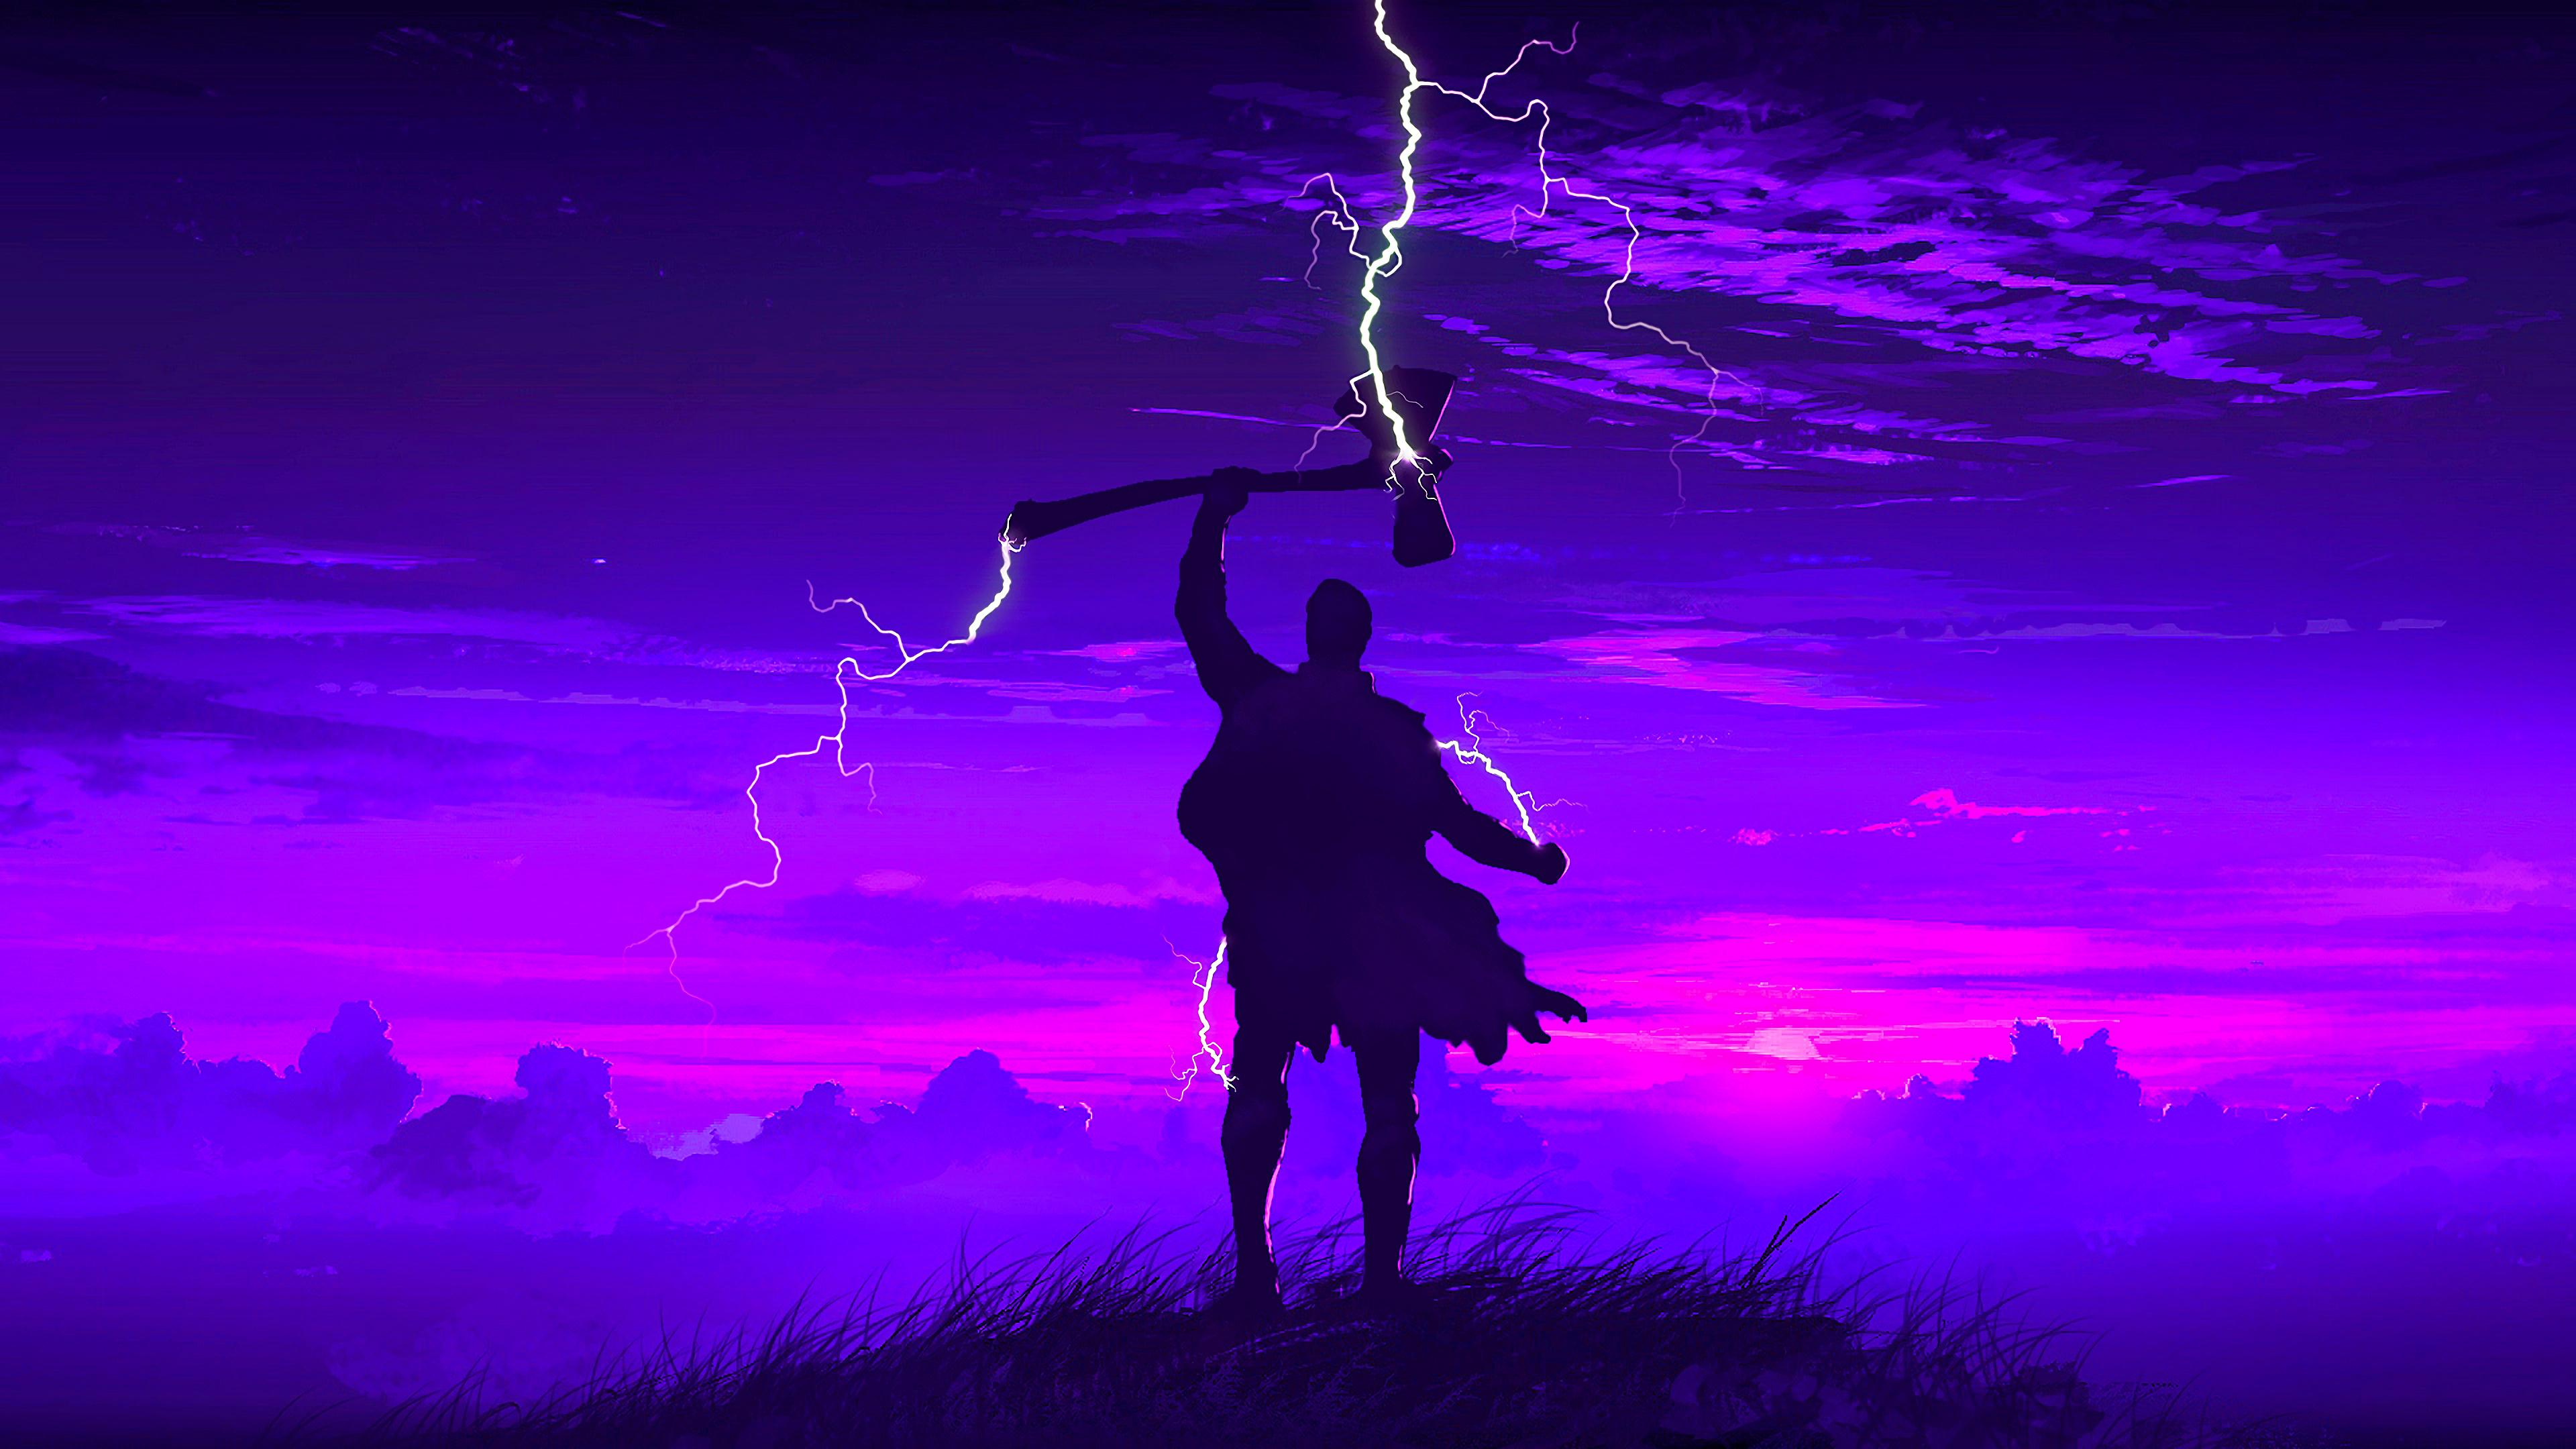 Avengers Endgame Thor Stormbreaker Minimalist 4k Wallpaper 58